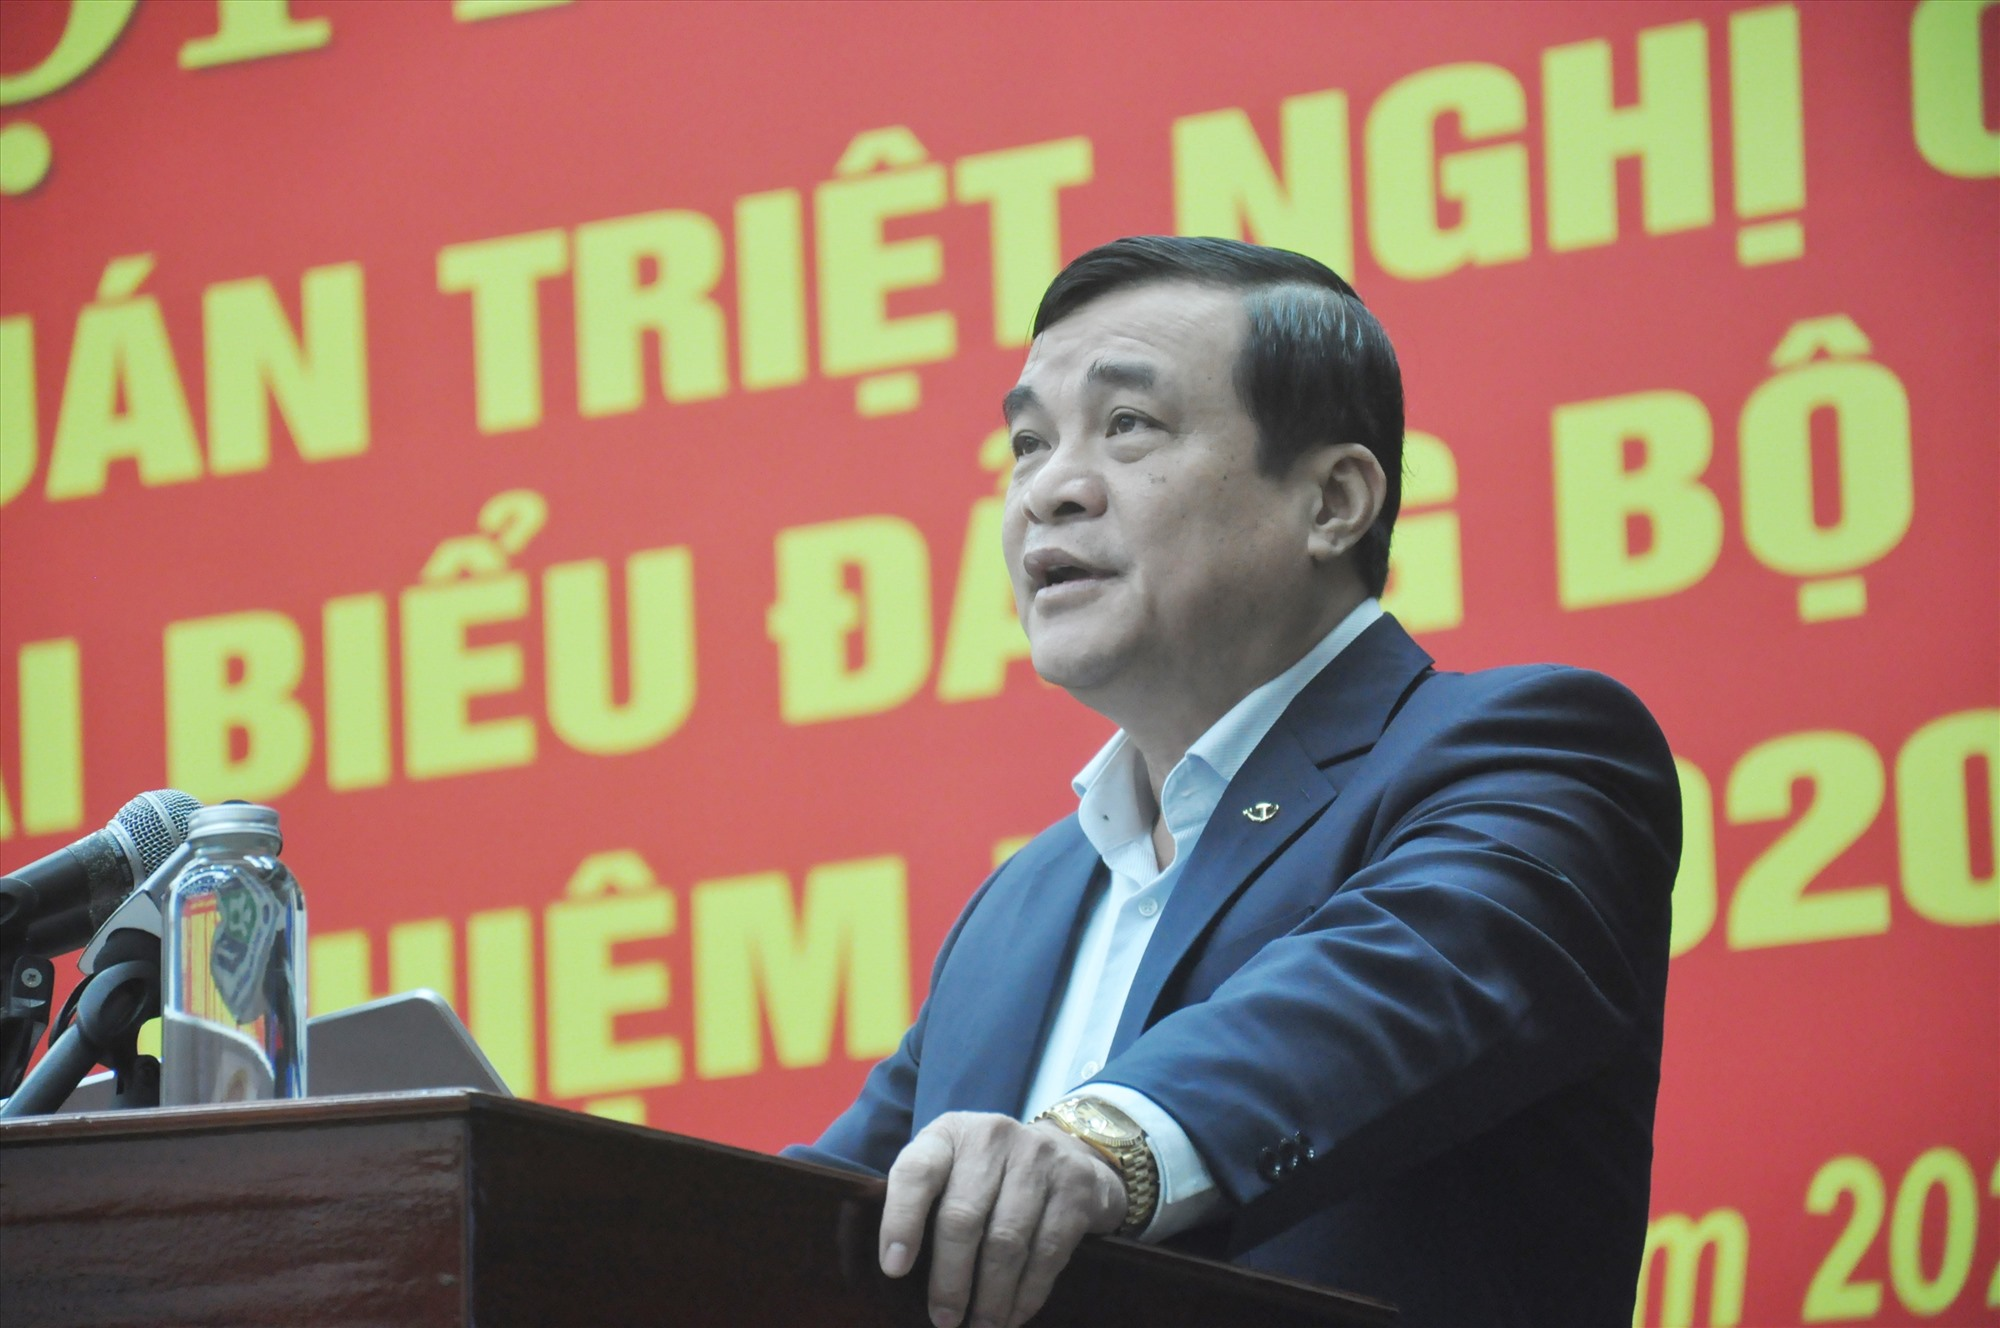 Ủy viên Trung ương Đảng, Bí thư Tỉnh ủy Phan Việt Cường phát biểu khai mạc hội nghị. Ảnh: N.Đ